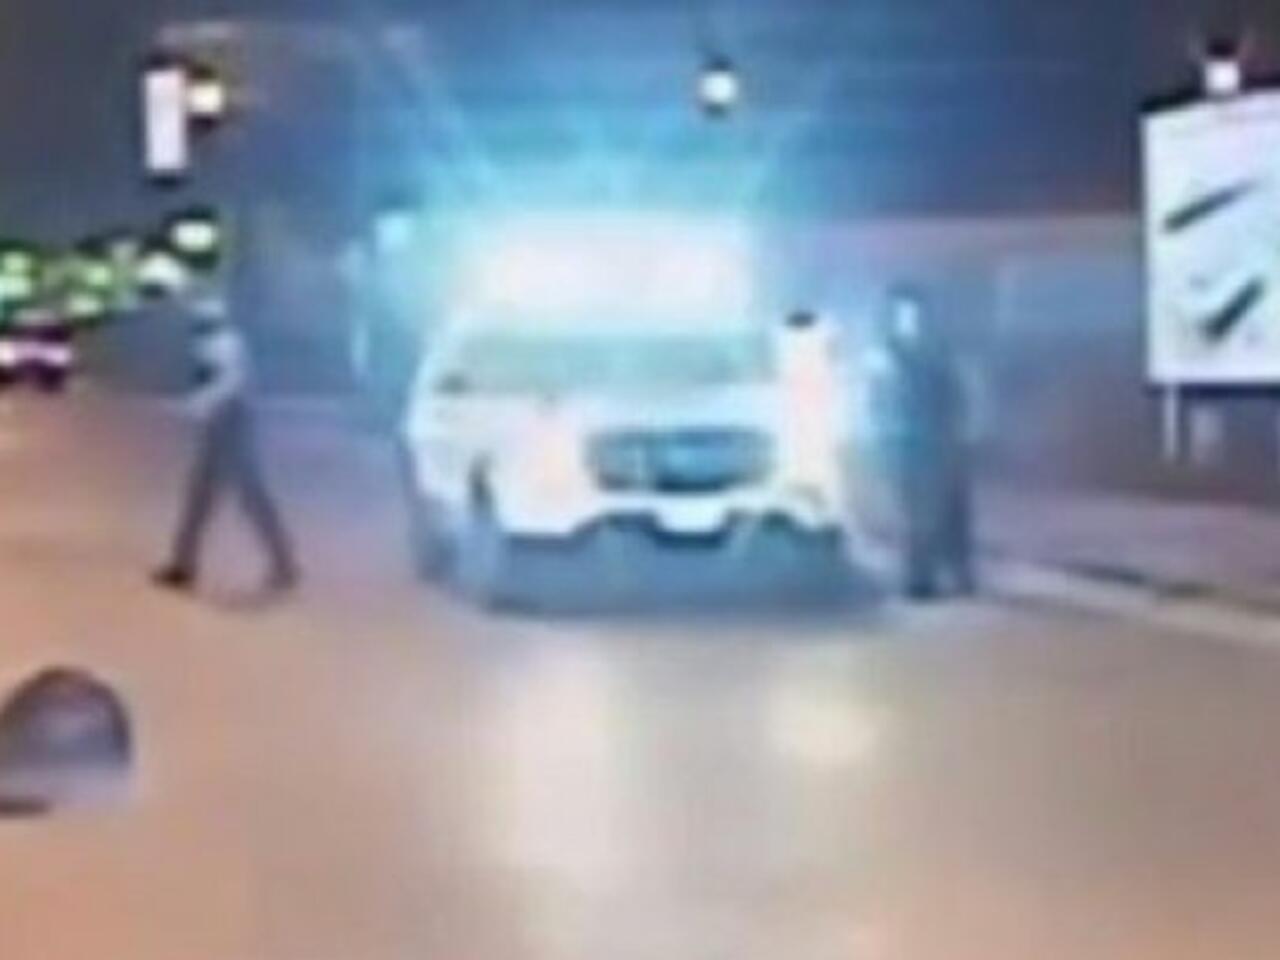 باراك أوباما يعرب عن صدمته العميقة من فيديو يظهر قتل شرطي أبيض لشاب أسود